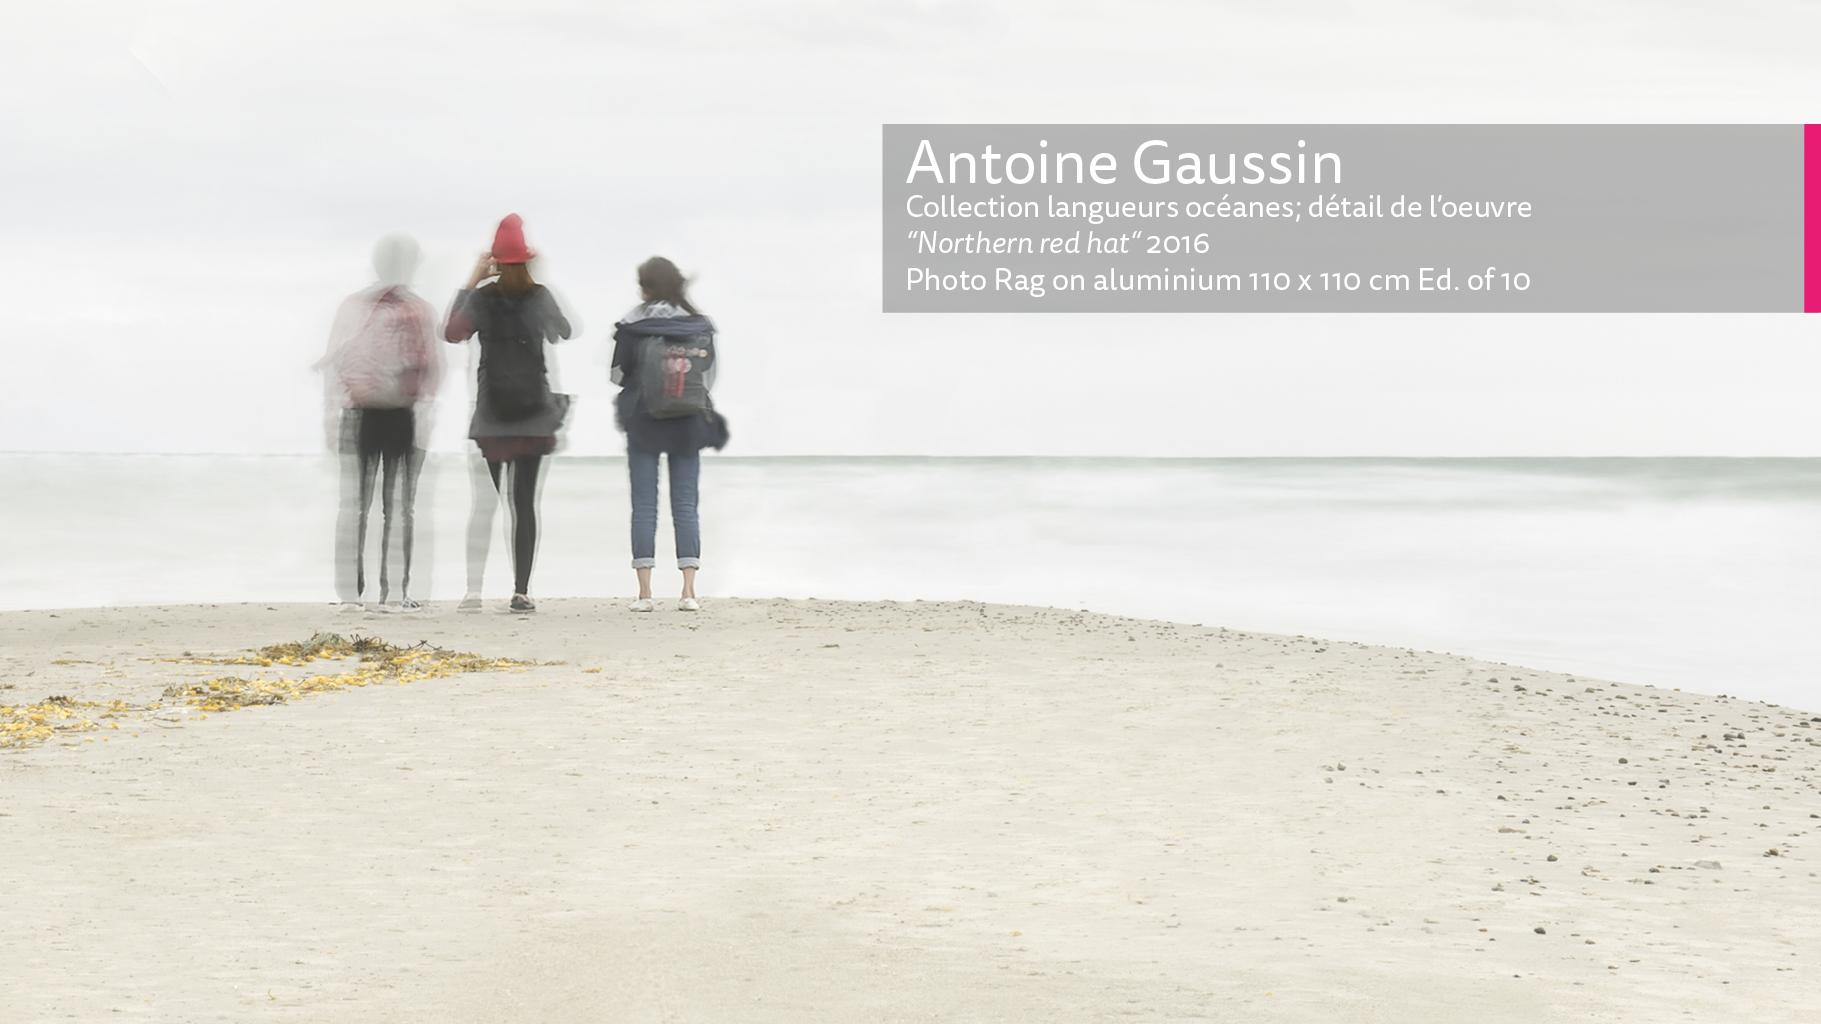 """Antoine Gaussin - Photographie - Collection """"Langueurs Océannes"""" Détail de l'oeuvre"""